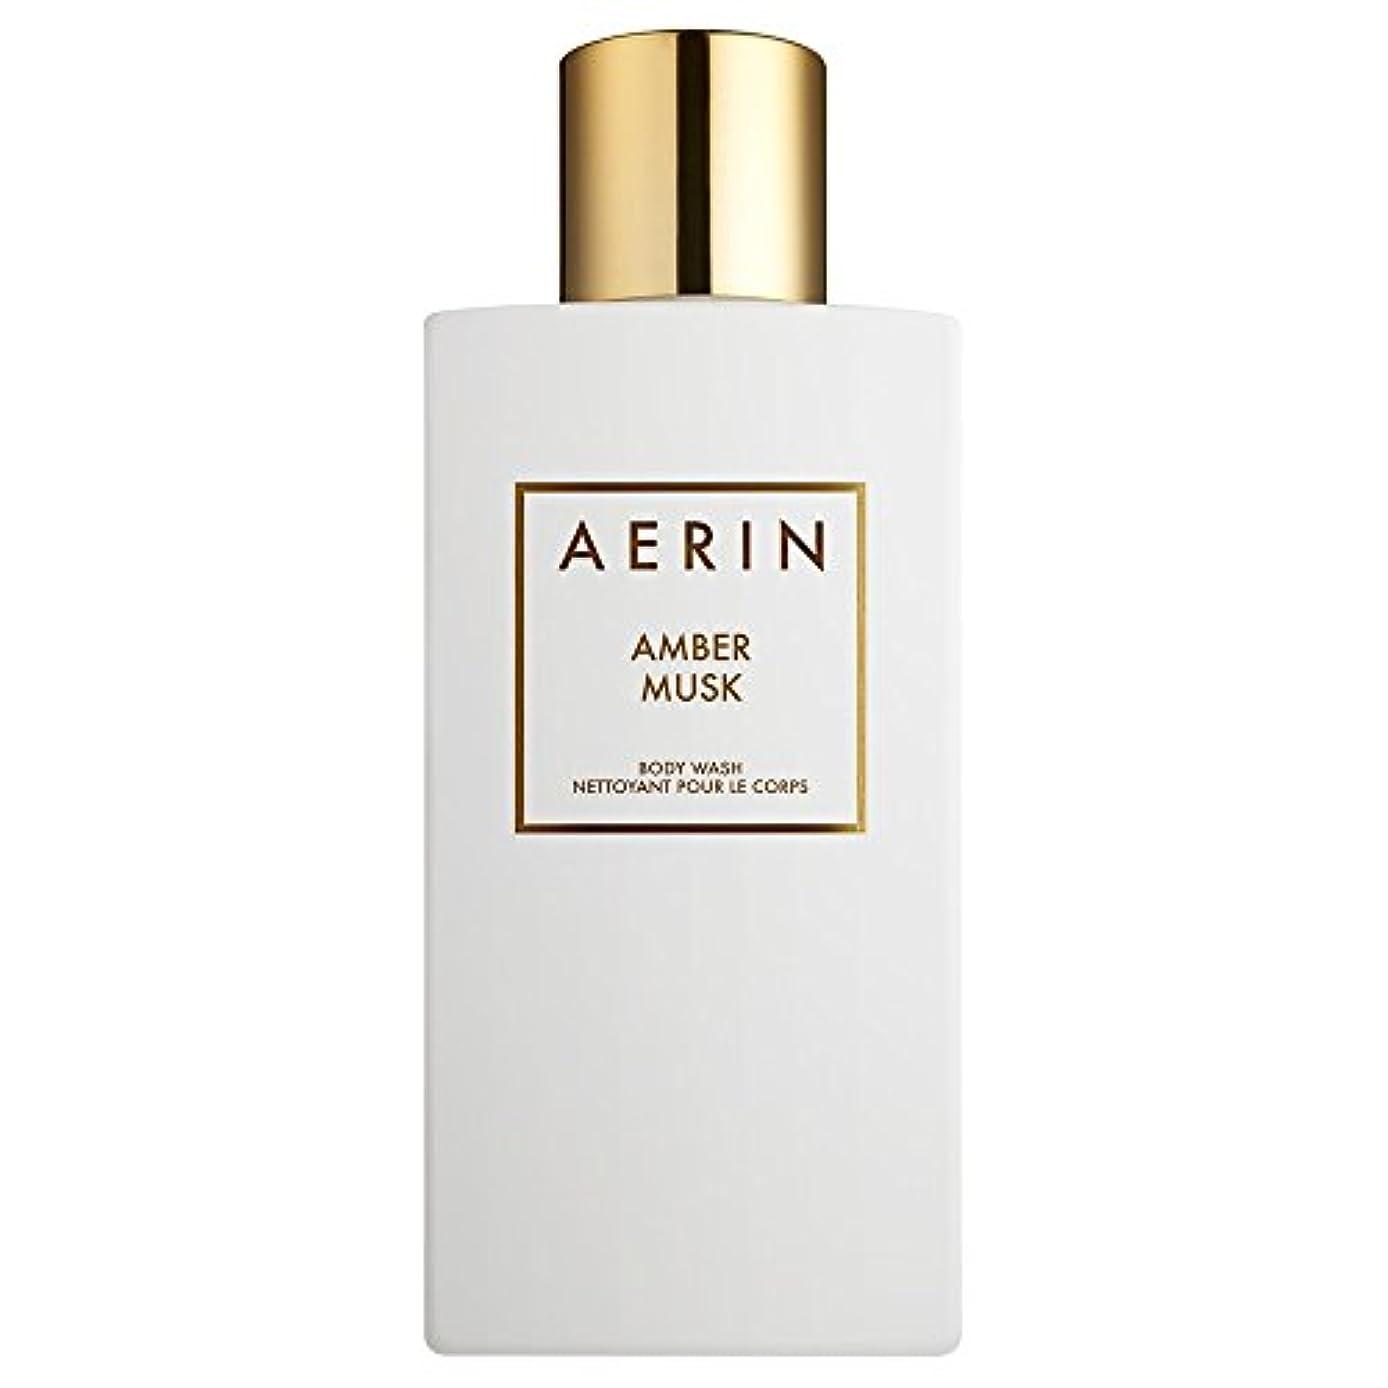 スキップ変更可能ラベンダーAerinアンバームスクボディウォッシュ225ミリリットル (AERIN) (x6) - AERIN Amber Musk Bodywash 225ml (Pack of 6) [並行輸入品]